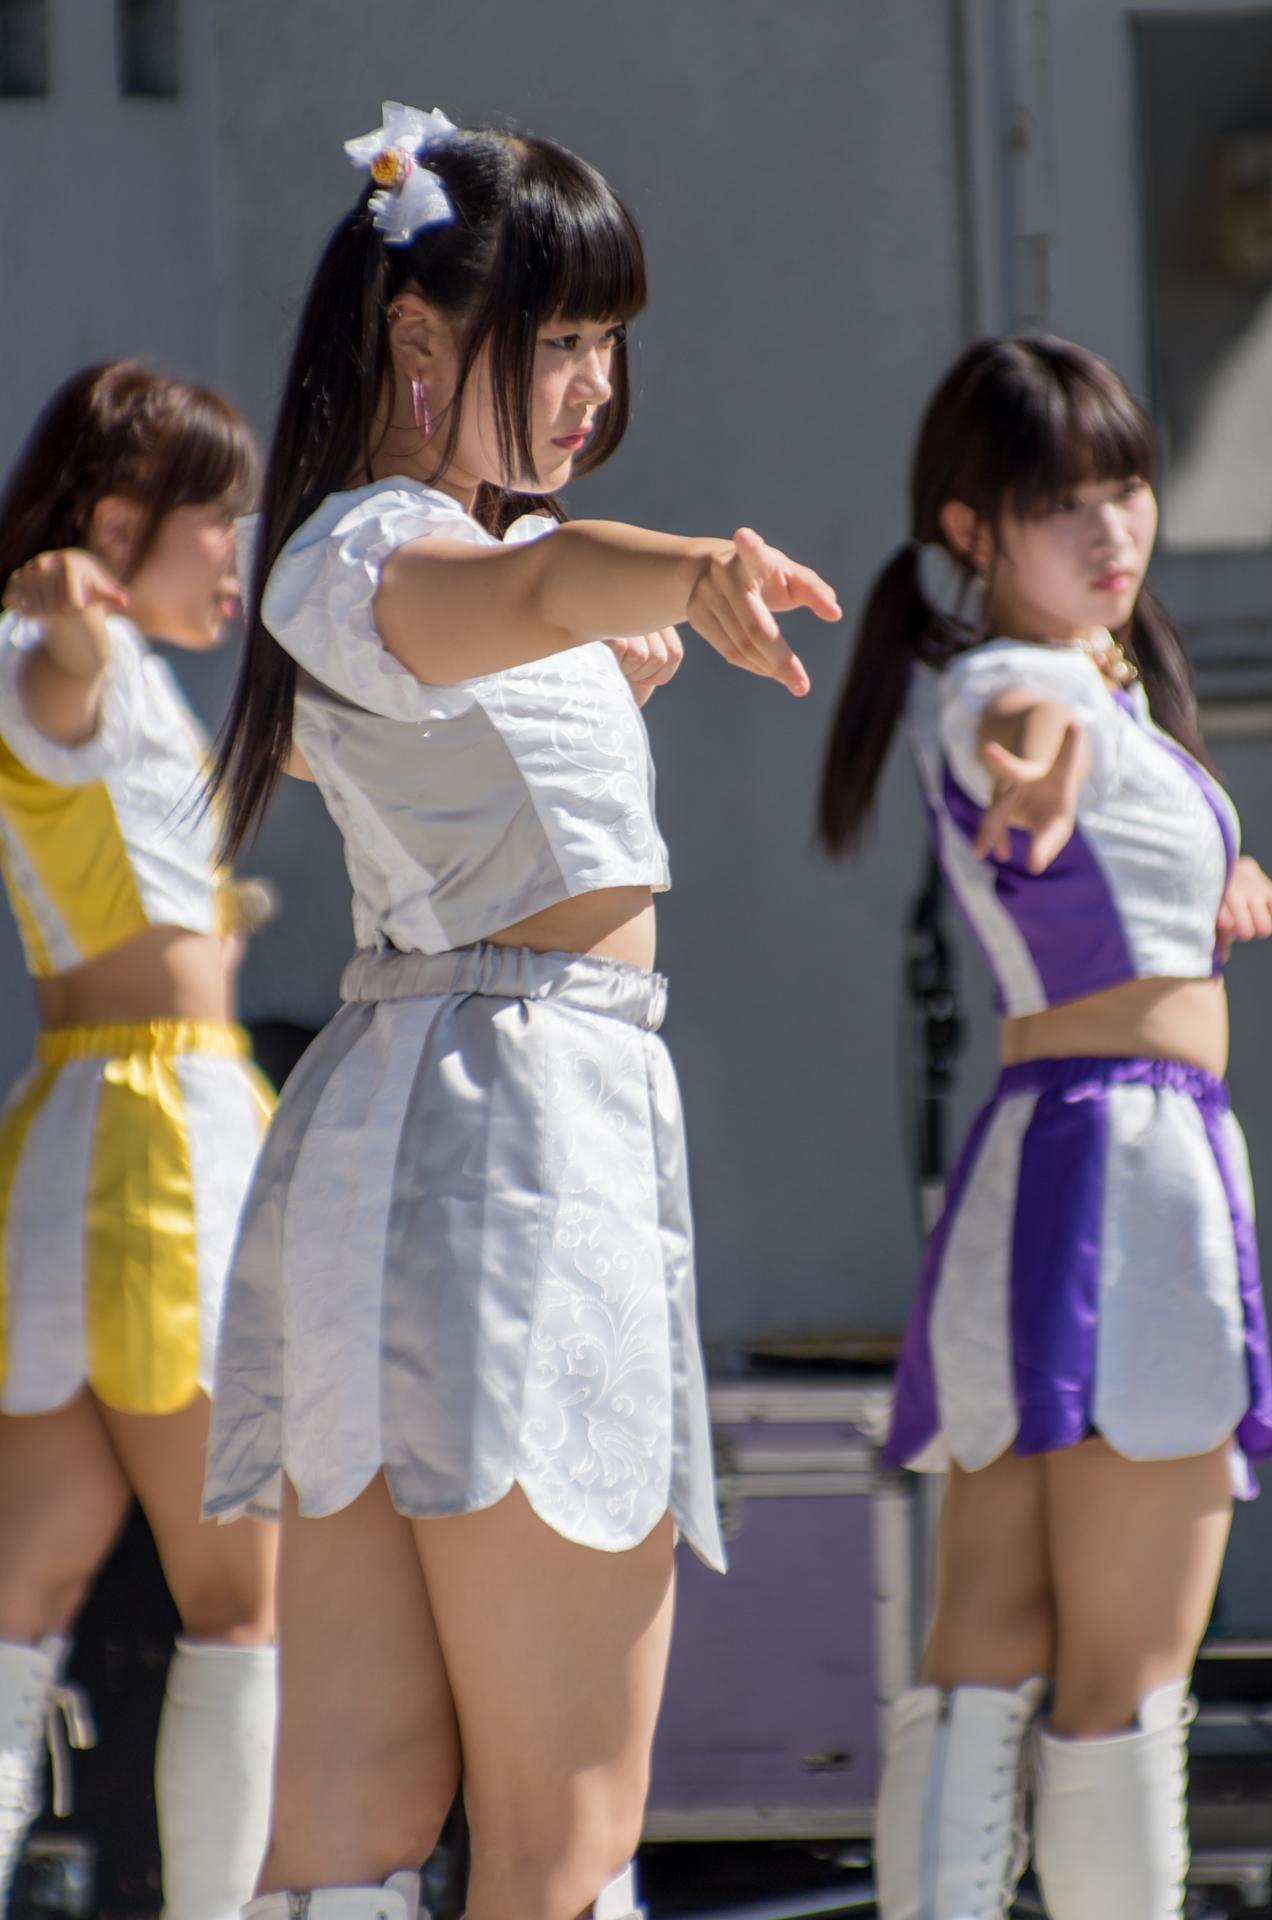 フルーティー♡ ほのさ ( 有村ほのさ ) | くりさわ農業祭